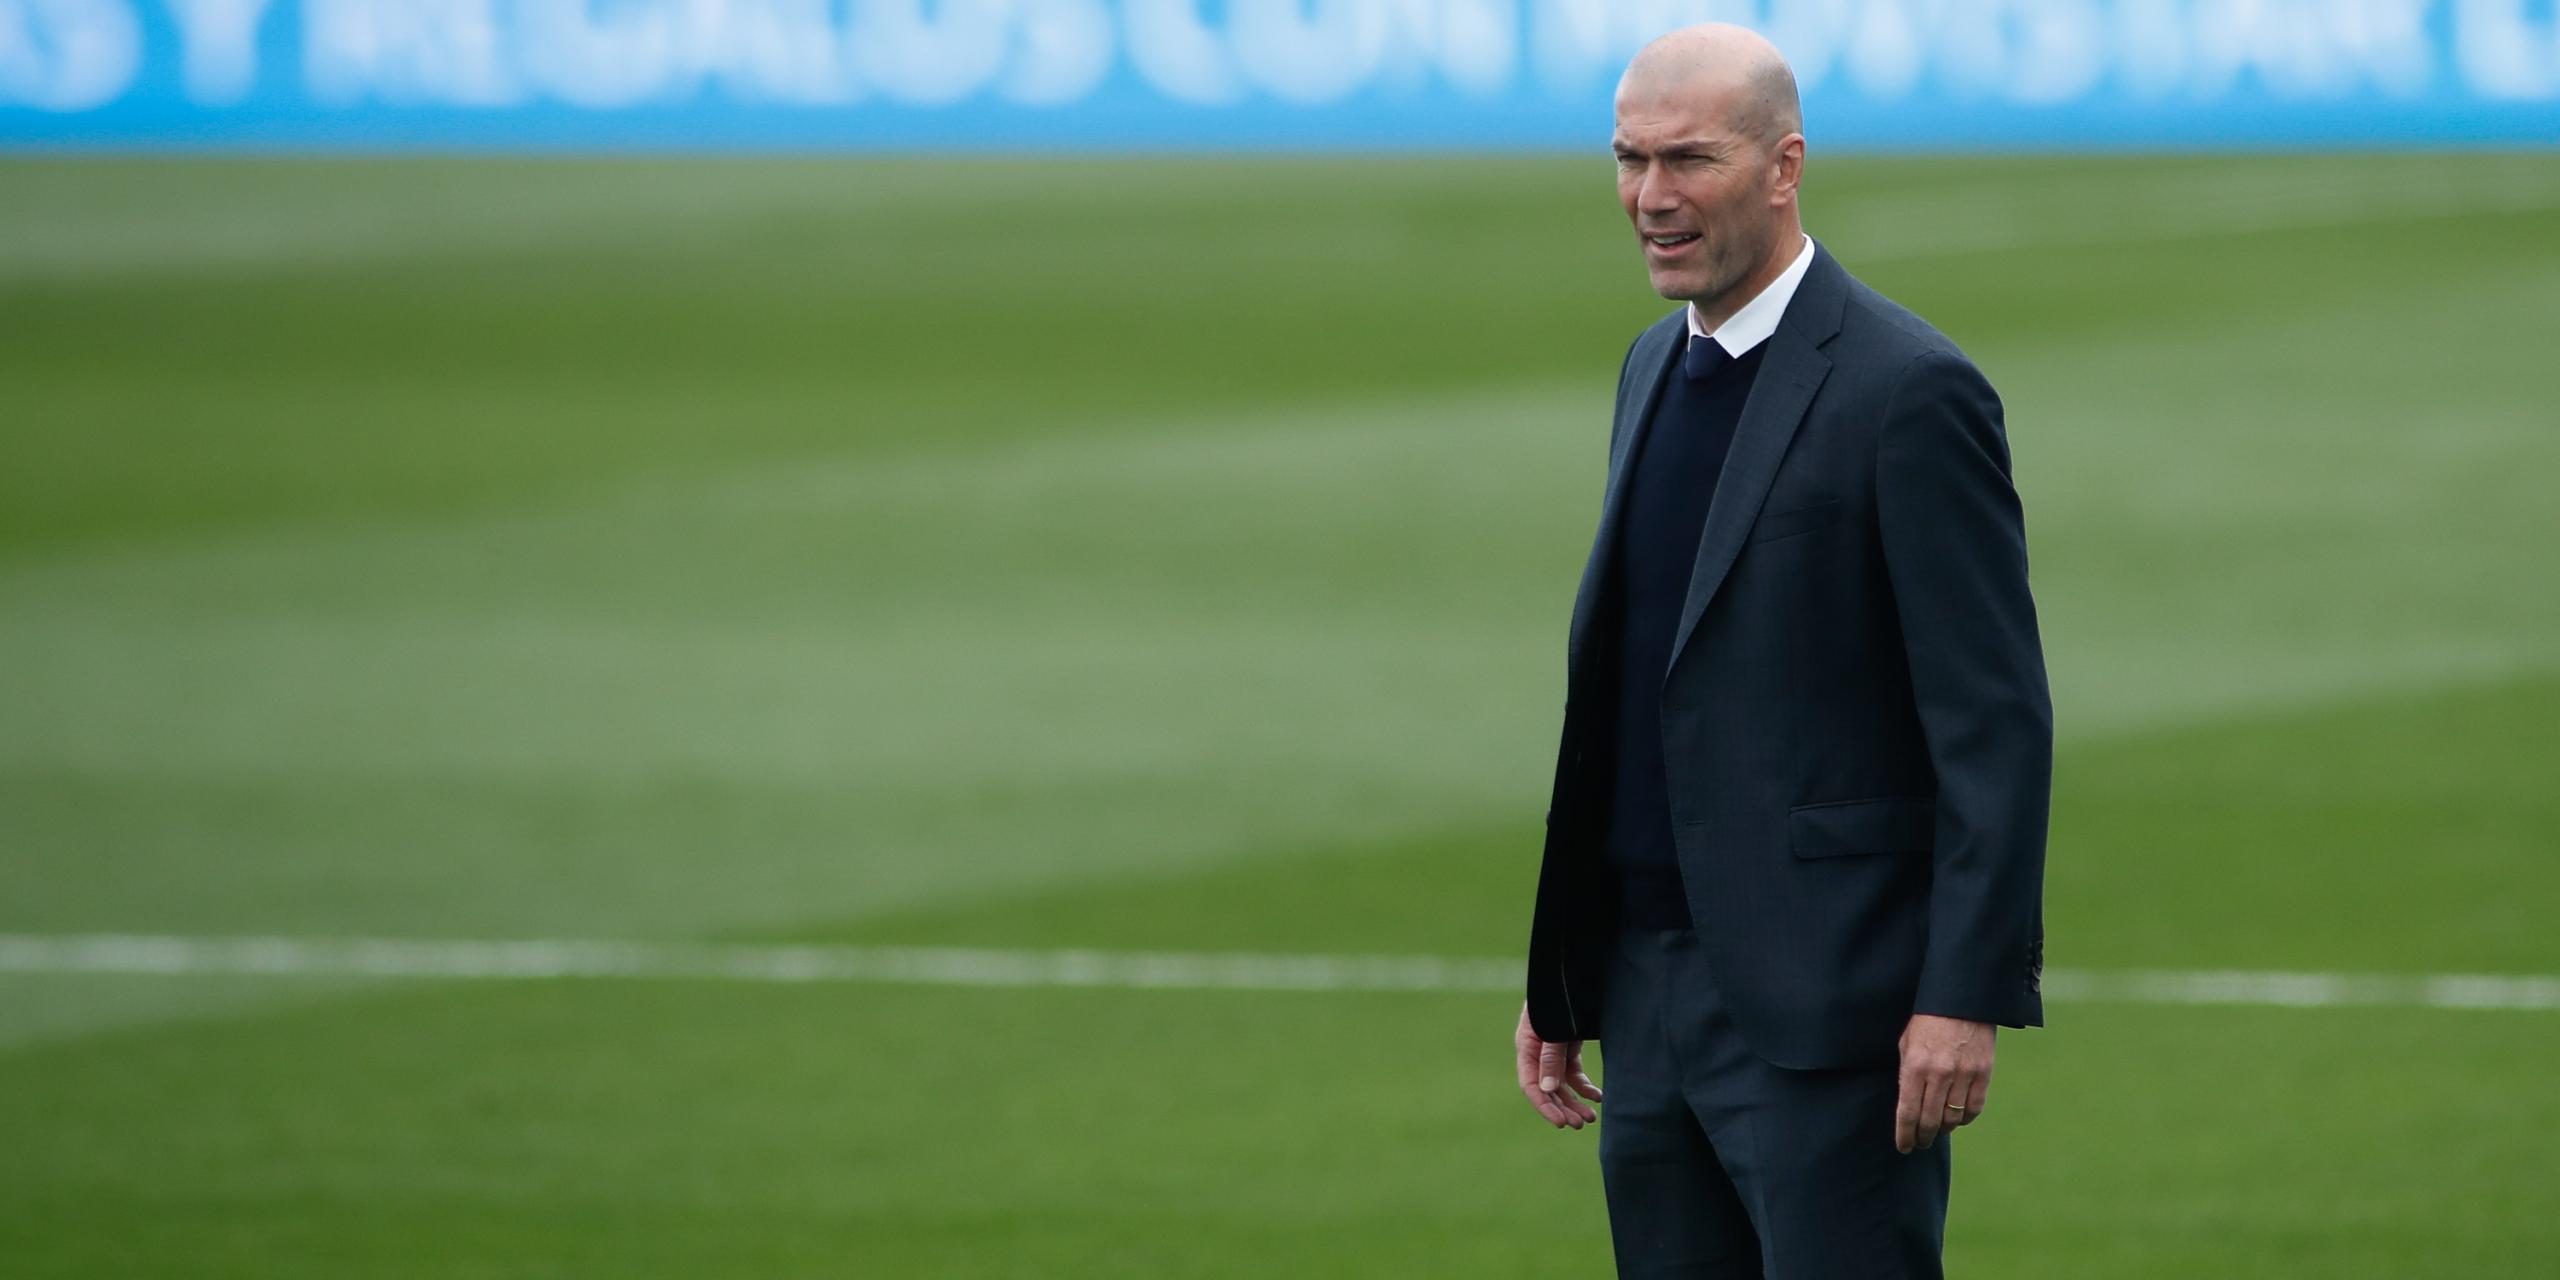 Zinédine Zidane, durant un partit | Europa Press